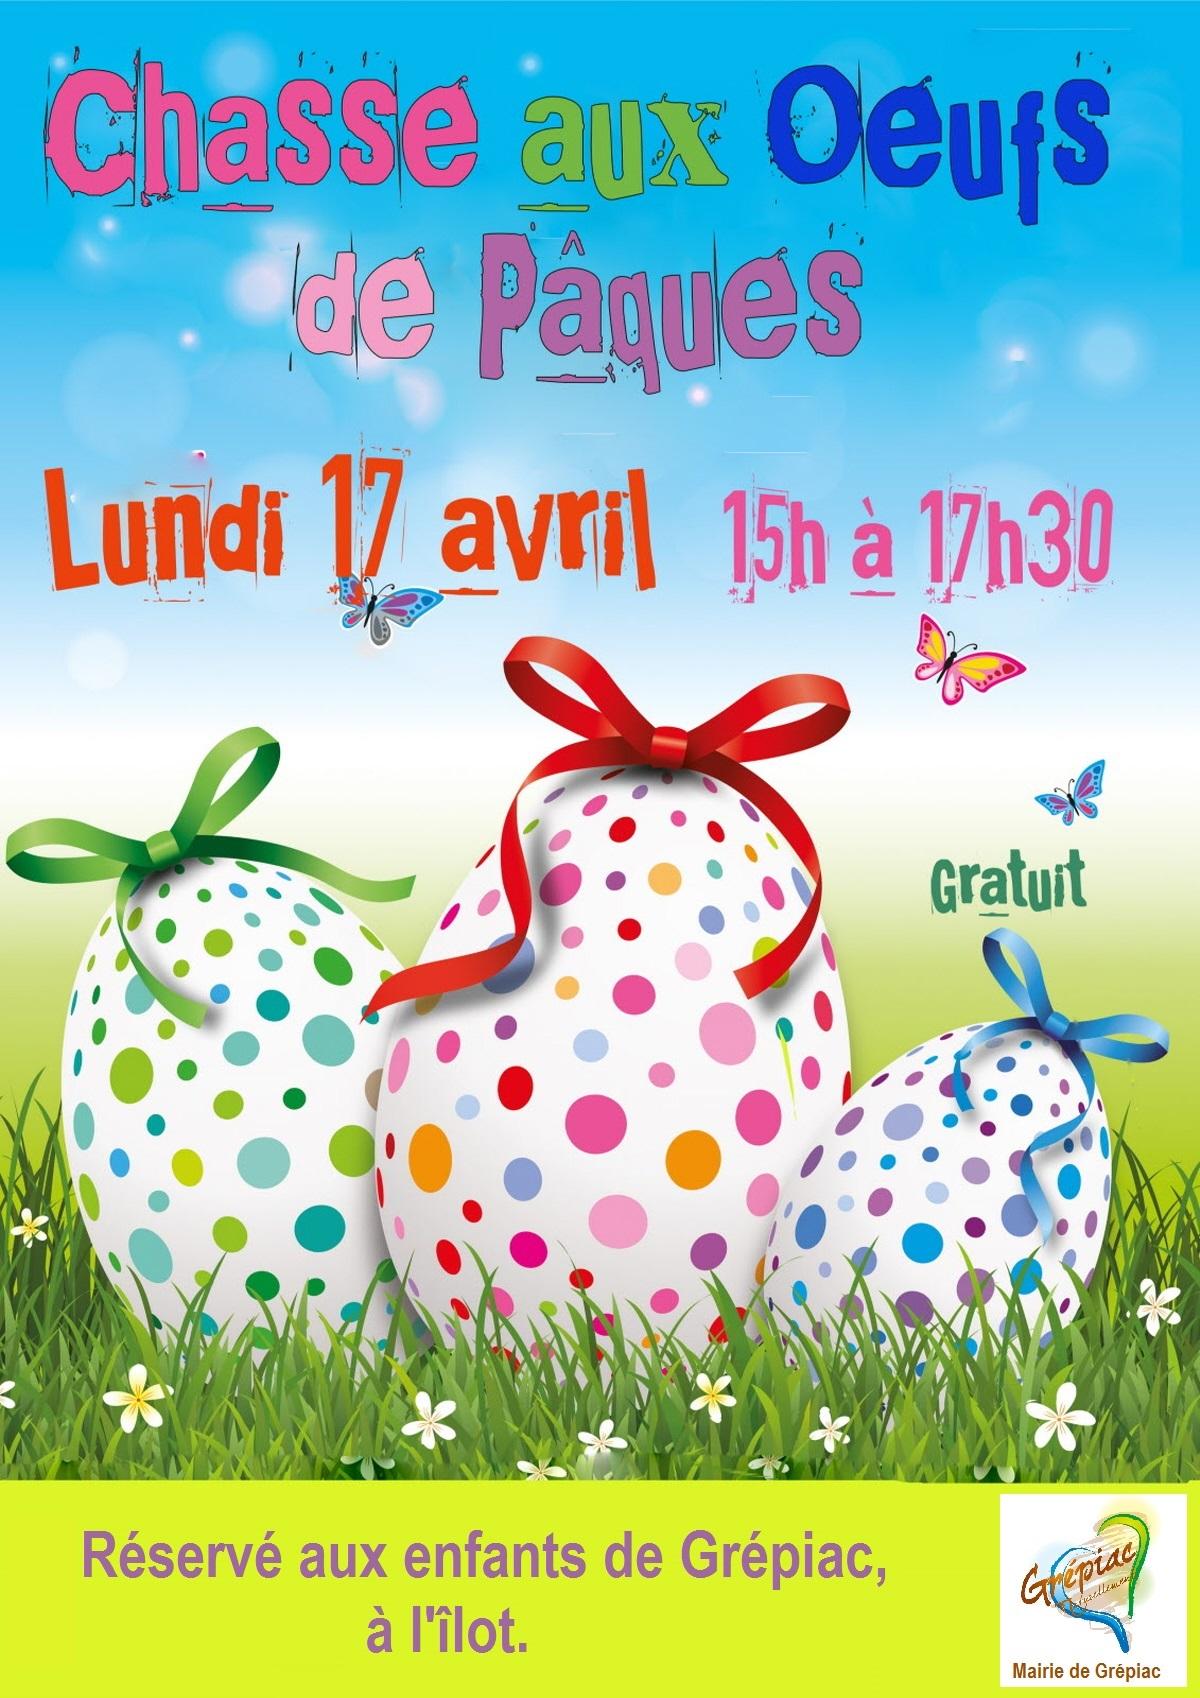 illustration-chasse-aux-oeufs-de-paques_1-1491557150